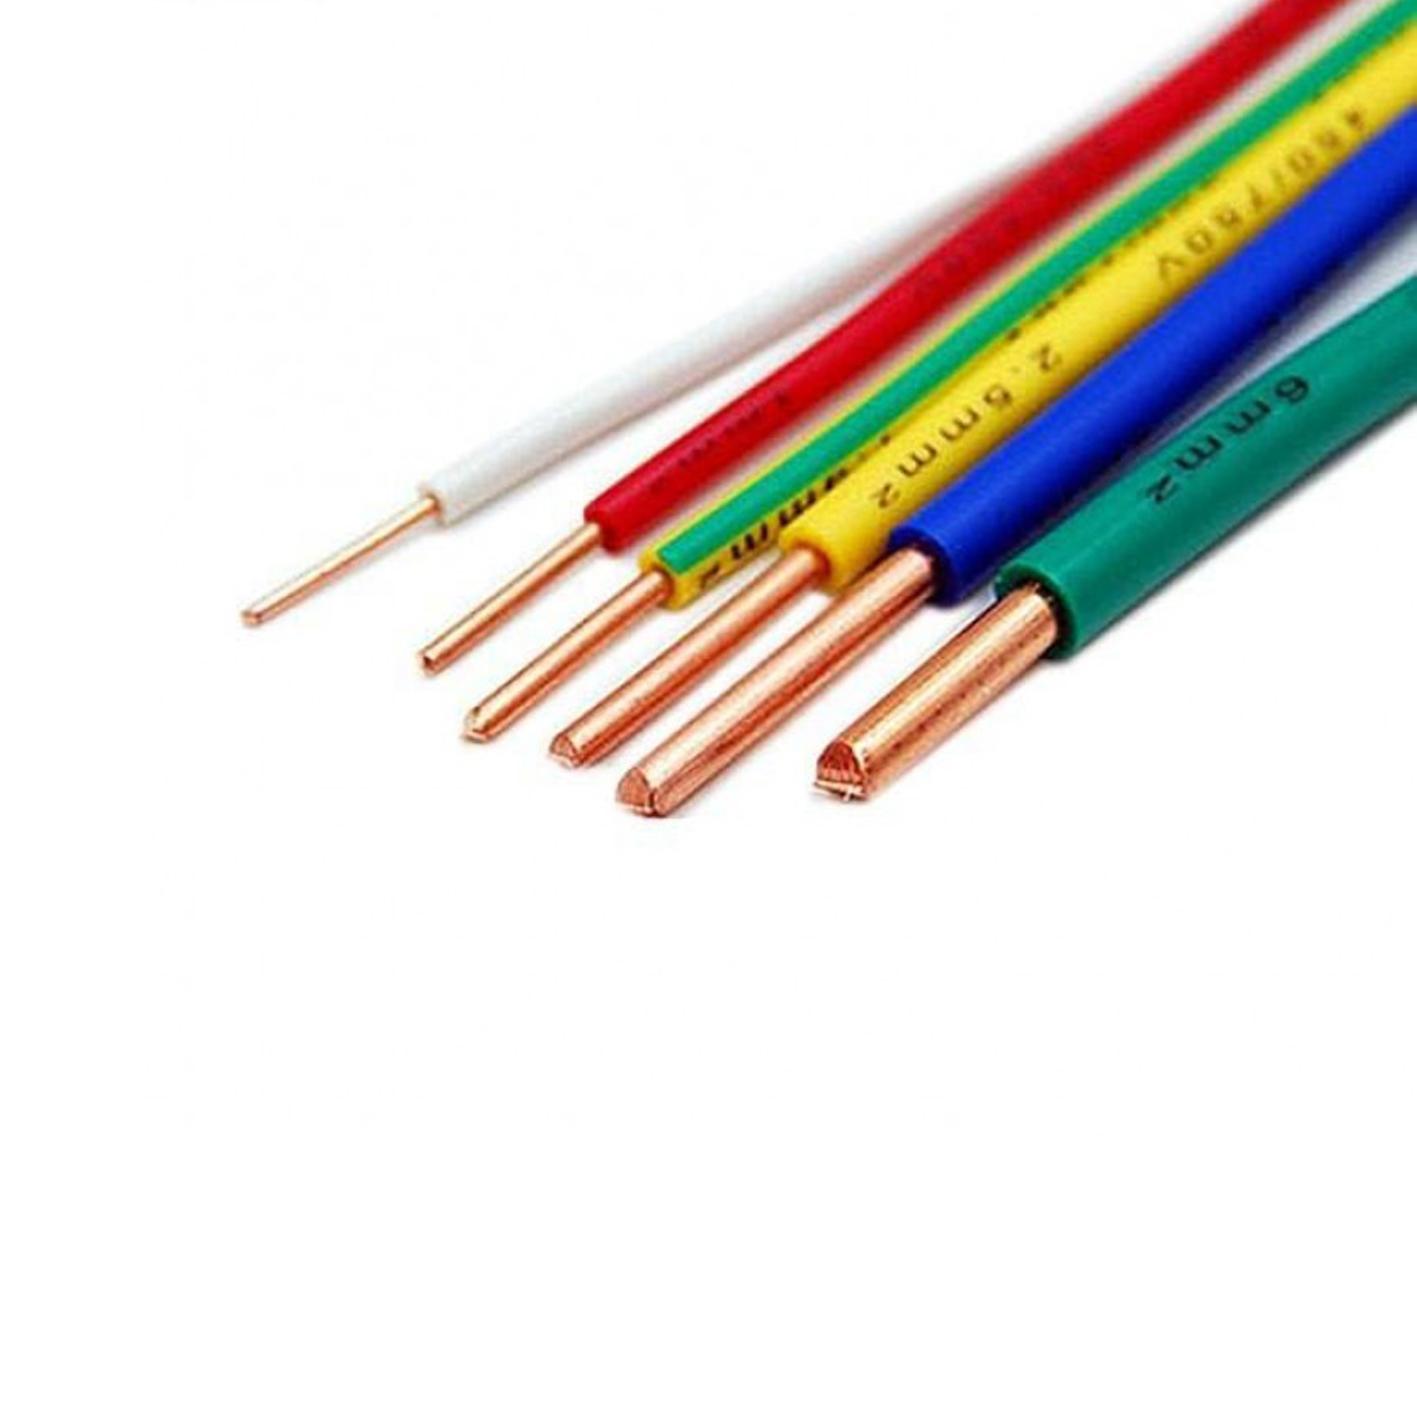 Öznur 2.5 mm NYA Kablo (100m)